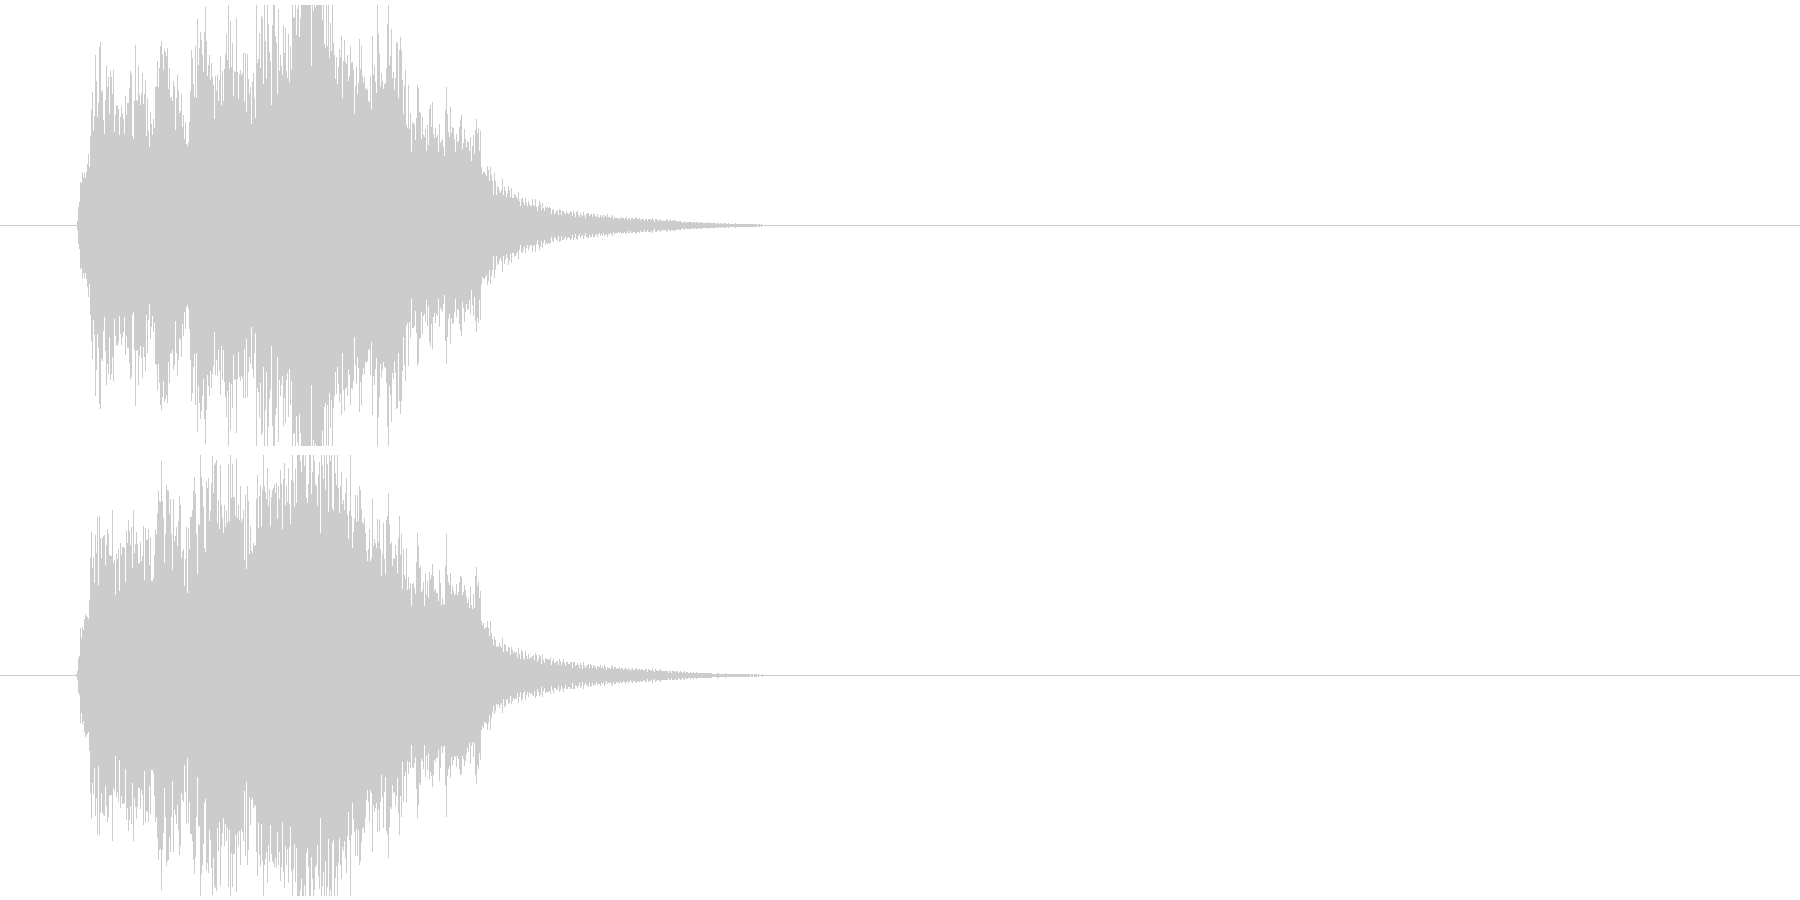 当たり 正解の未再生の波形